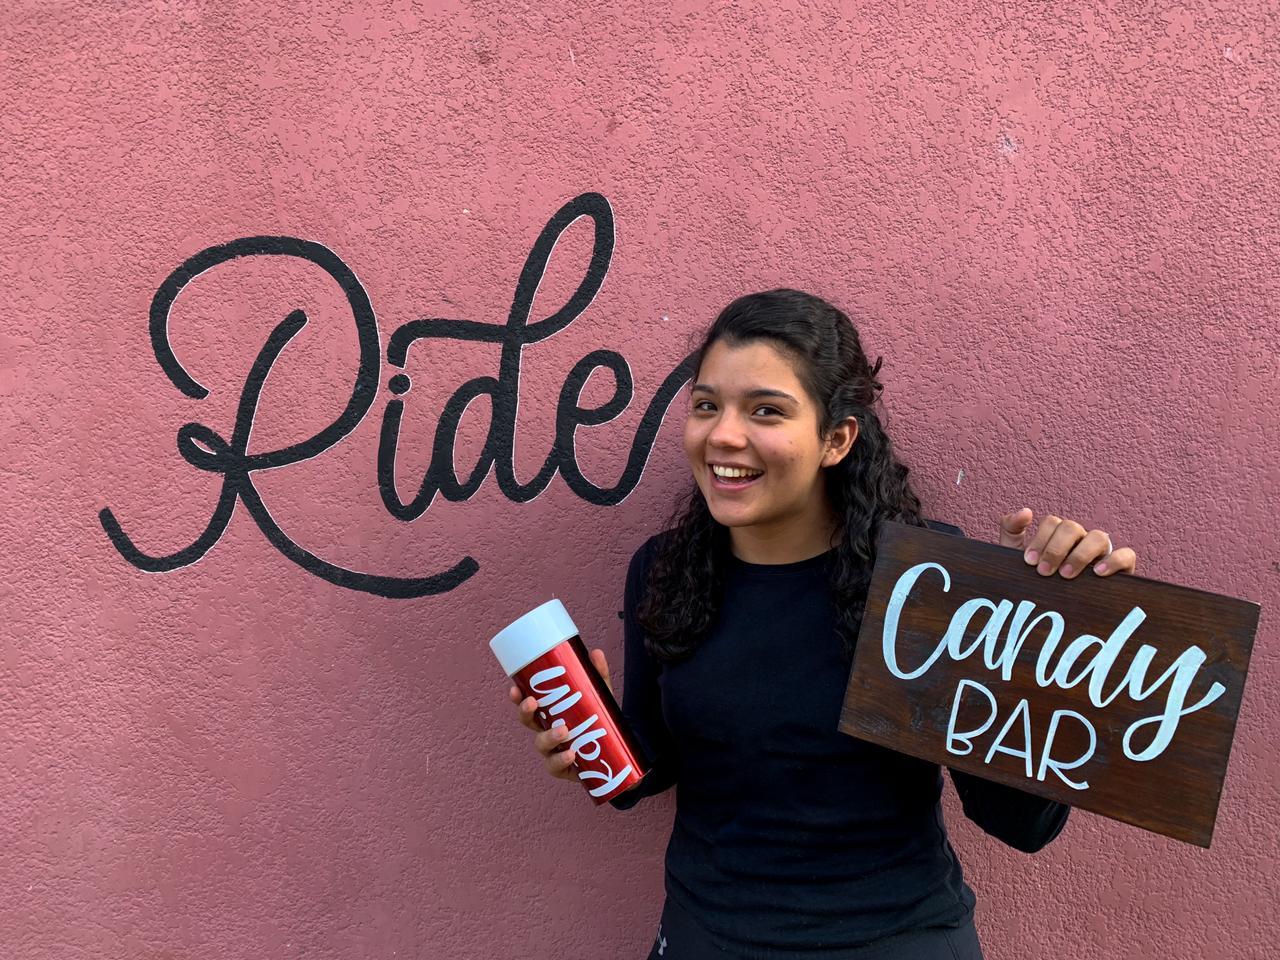 Conoce la historia de Gabriela Morales y su emprendimiento de letras